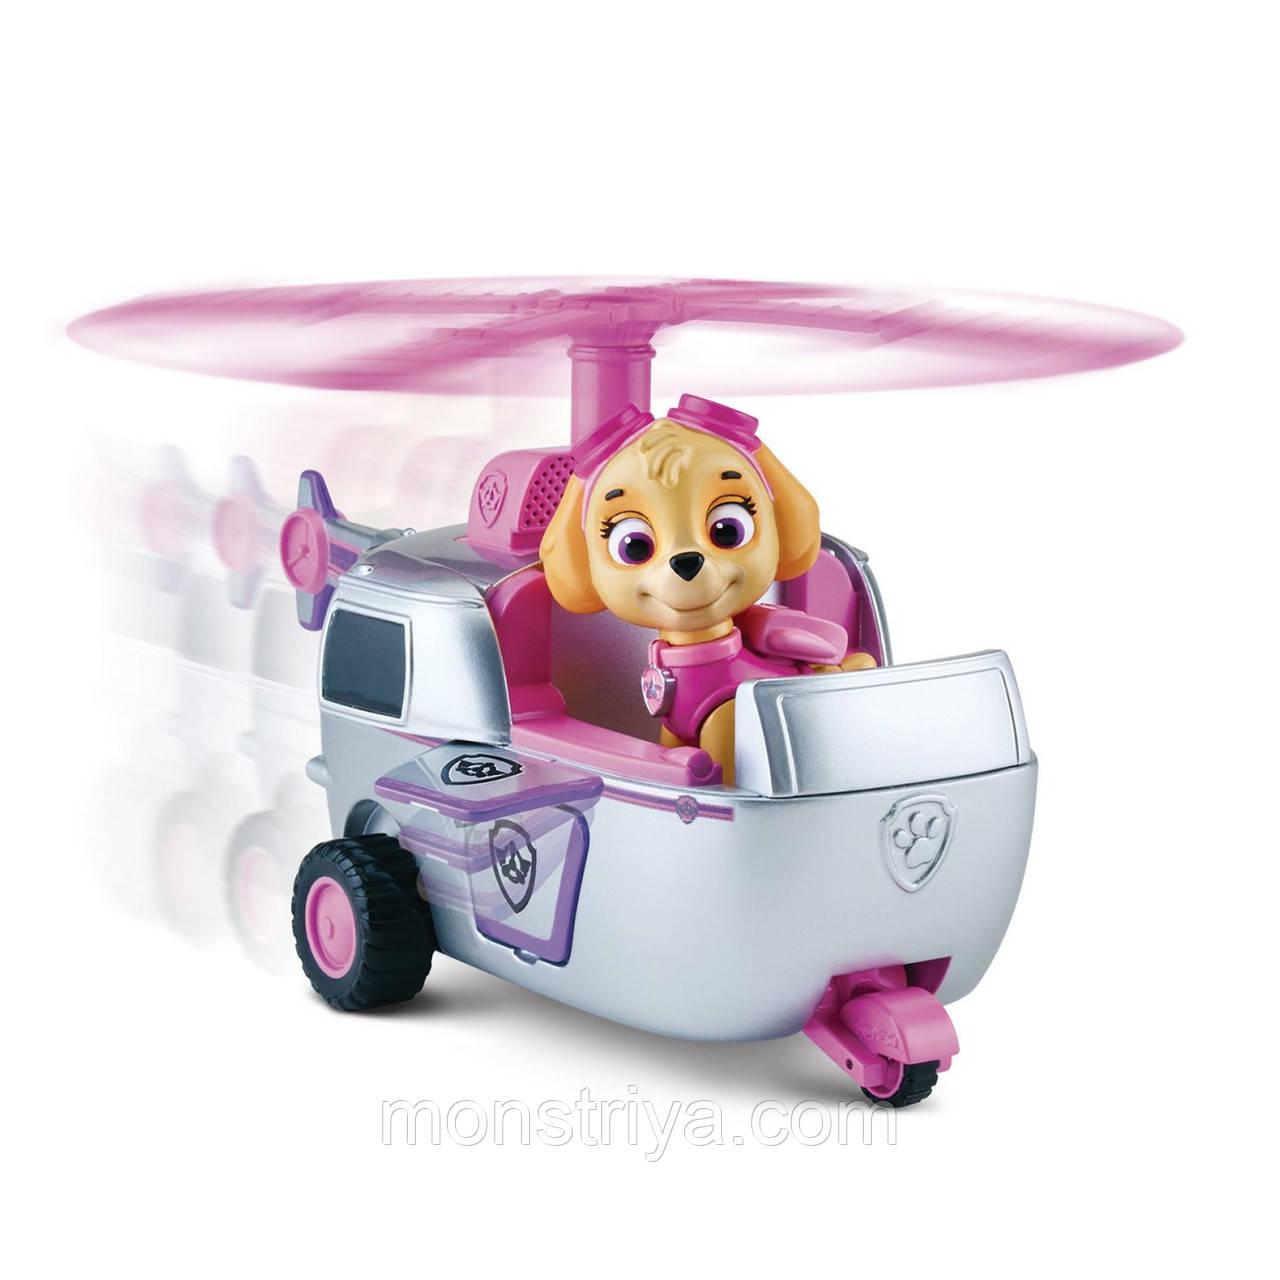 Игрушка щенячий патруль Воздушная собака Скай - фото 4